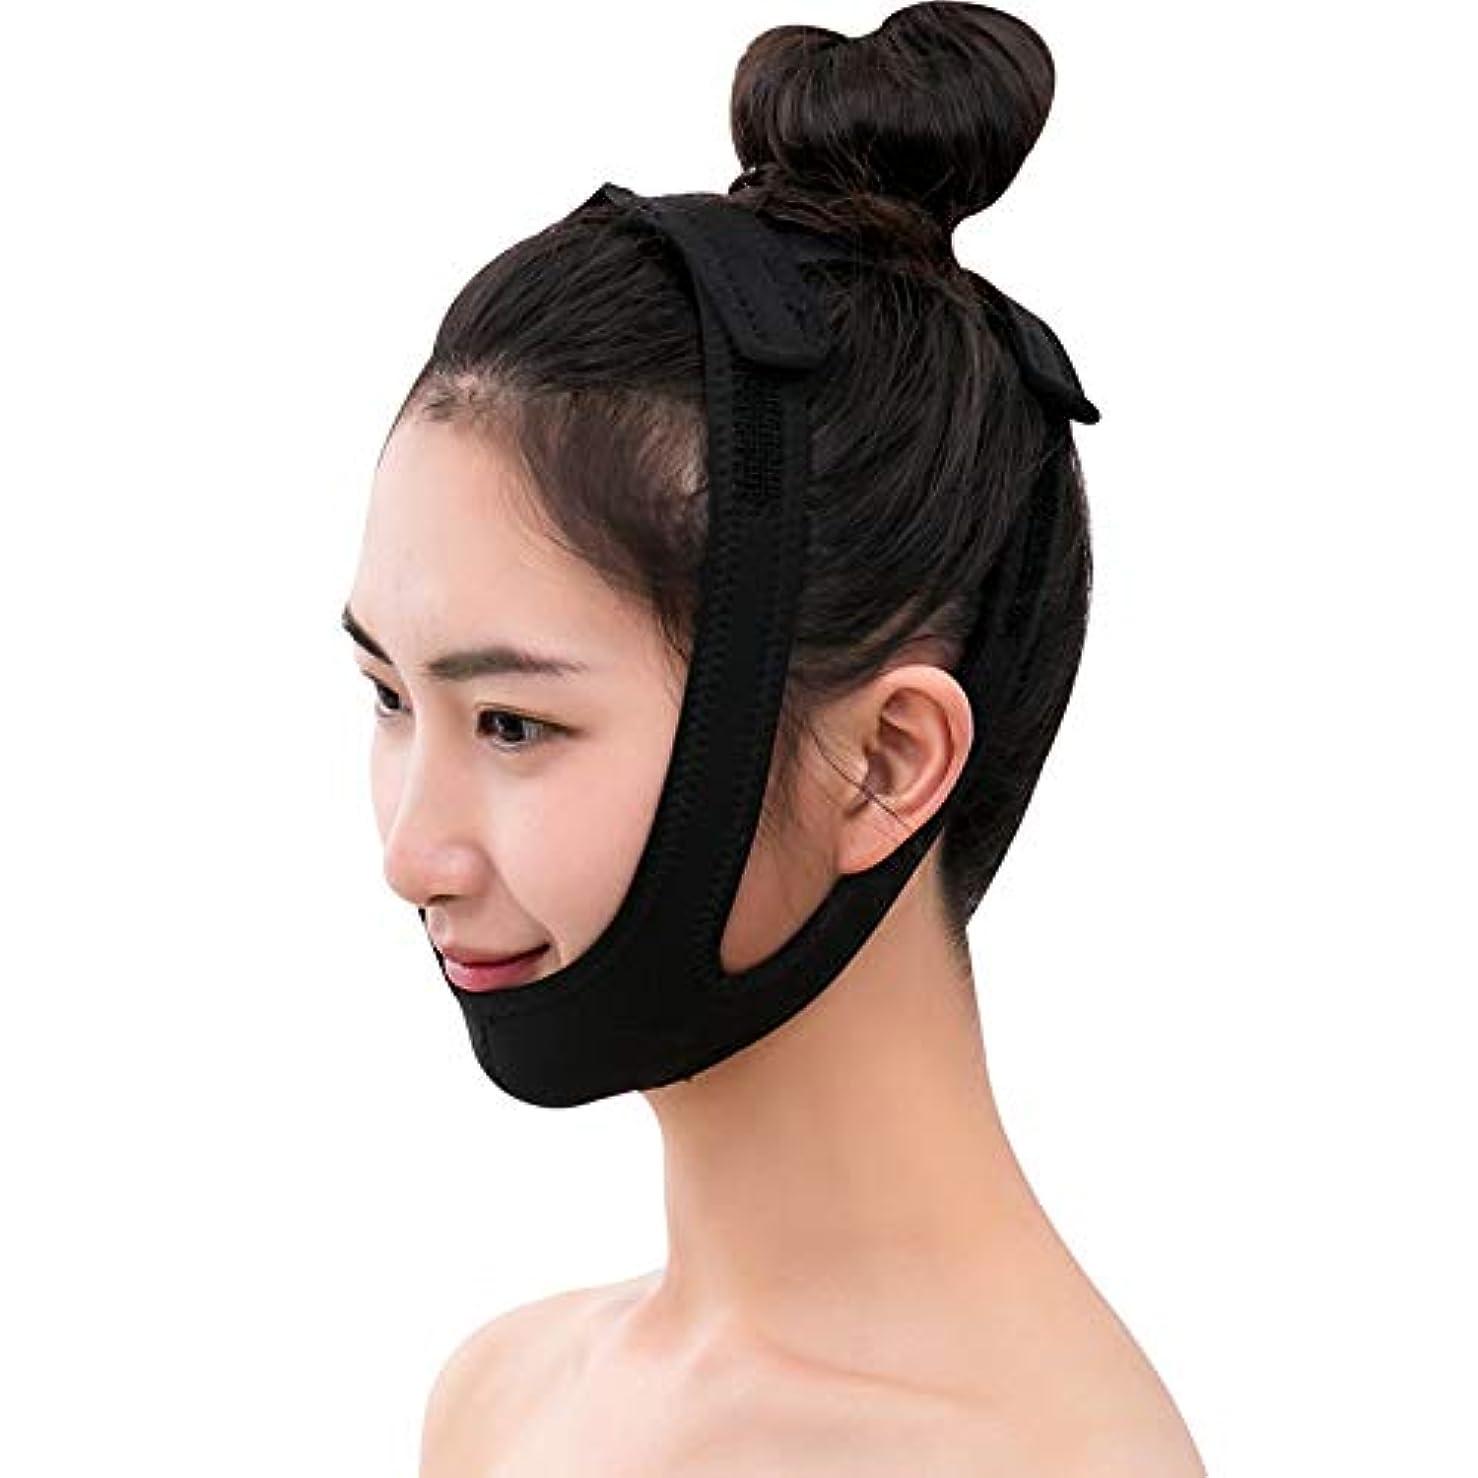 プライバシー熱その薄いフェイスバンド - 薄い顔の包帯ビューティーインストゥルメントフェイシャルリフト睡眠マスク法Vフェイスマスクの通気性を作る 美しさ